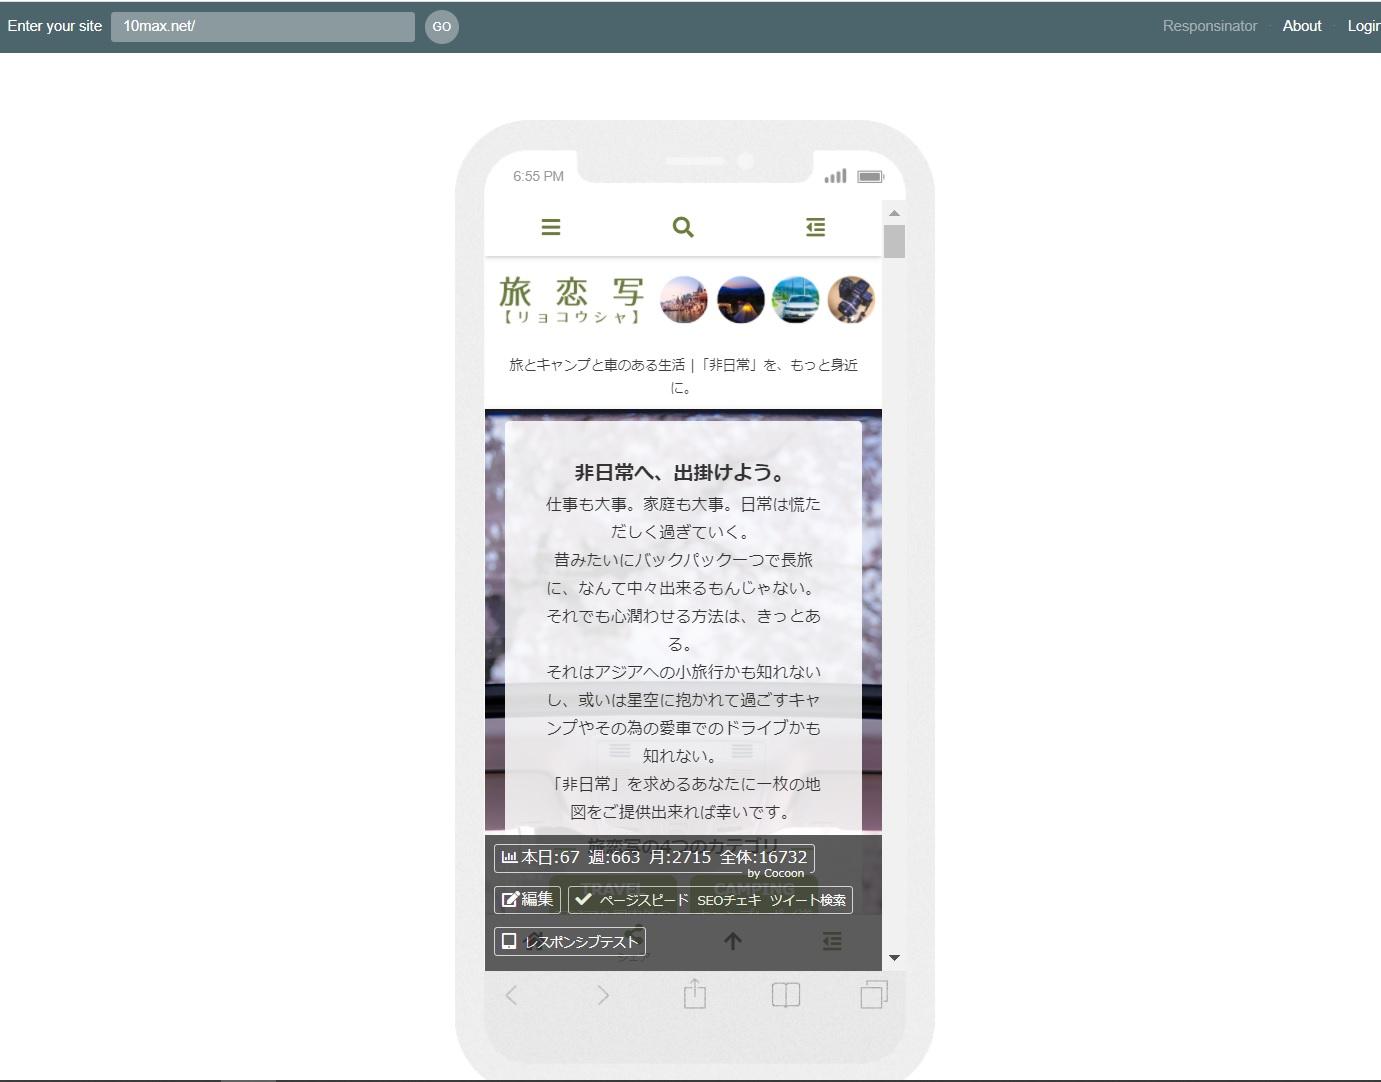 Cocoon Luxeritas 比較 モバイル レスポンシブテスト シミュレーター